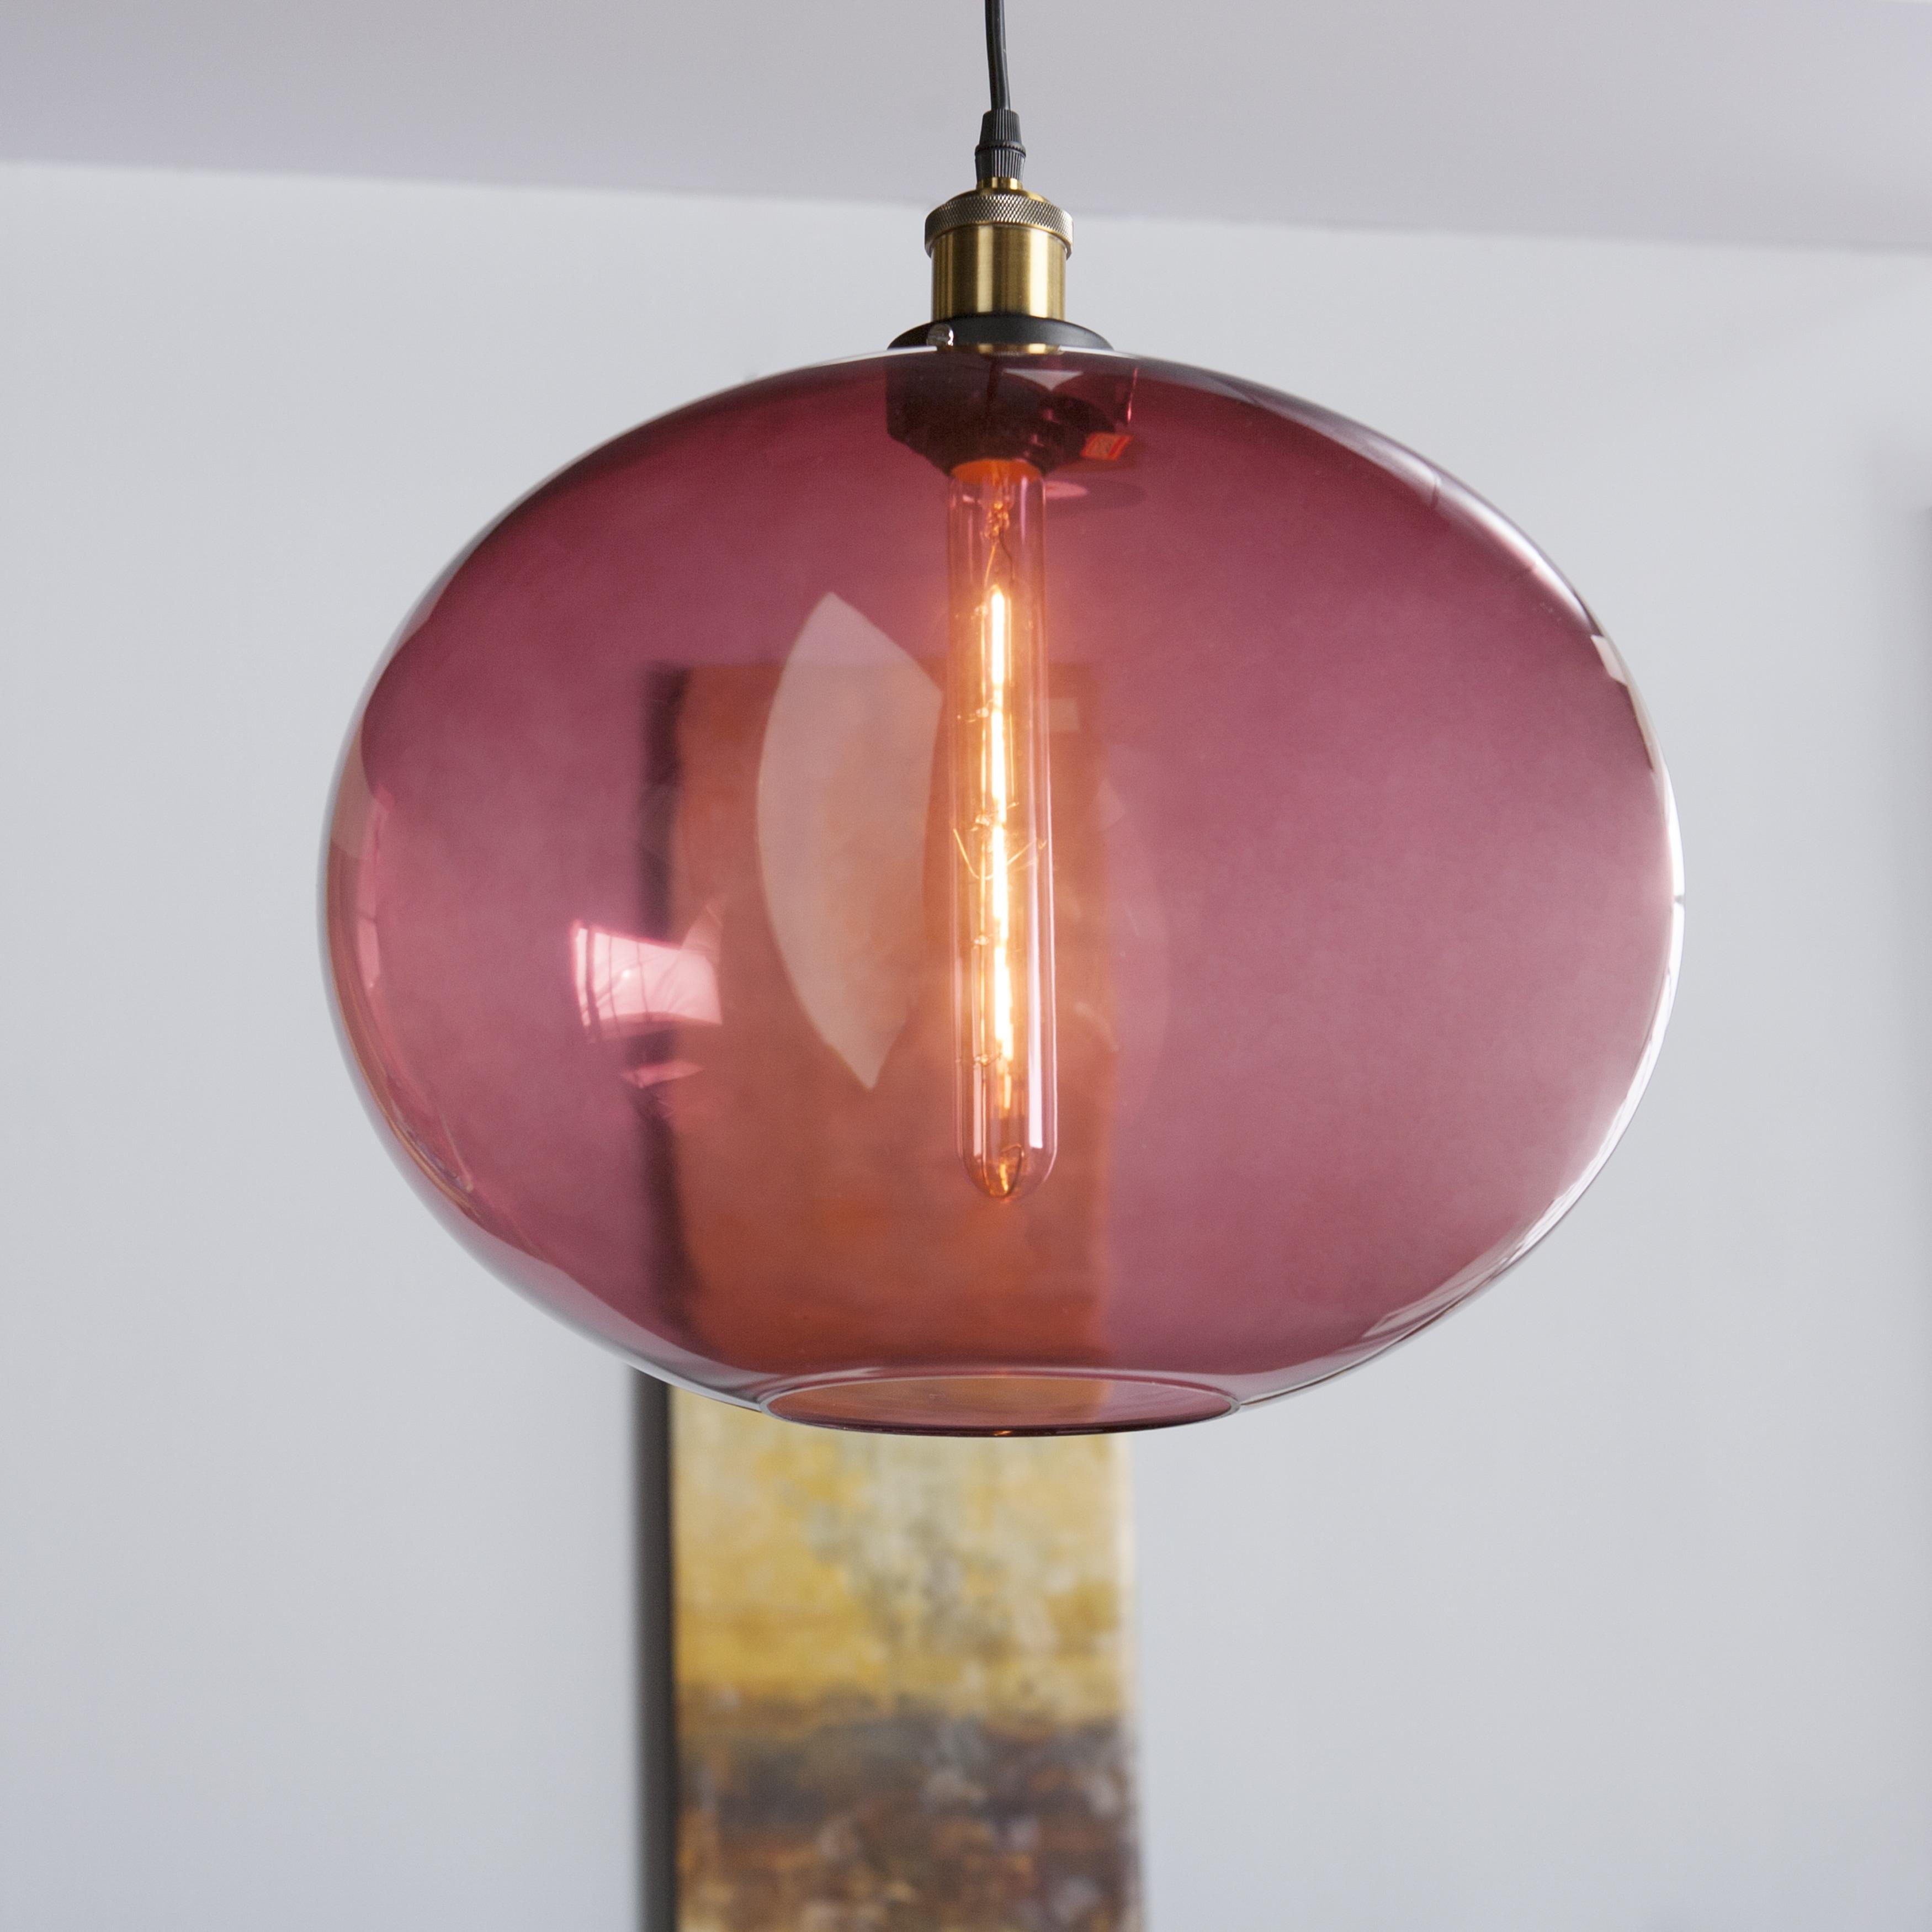 Harper Blvd Mardeau Colored Glass Pendant Lamp - Magenta ...